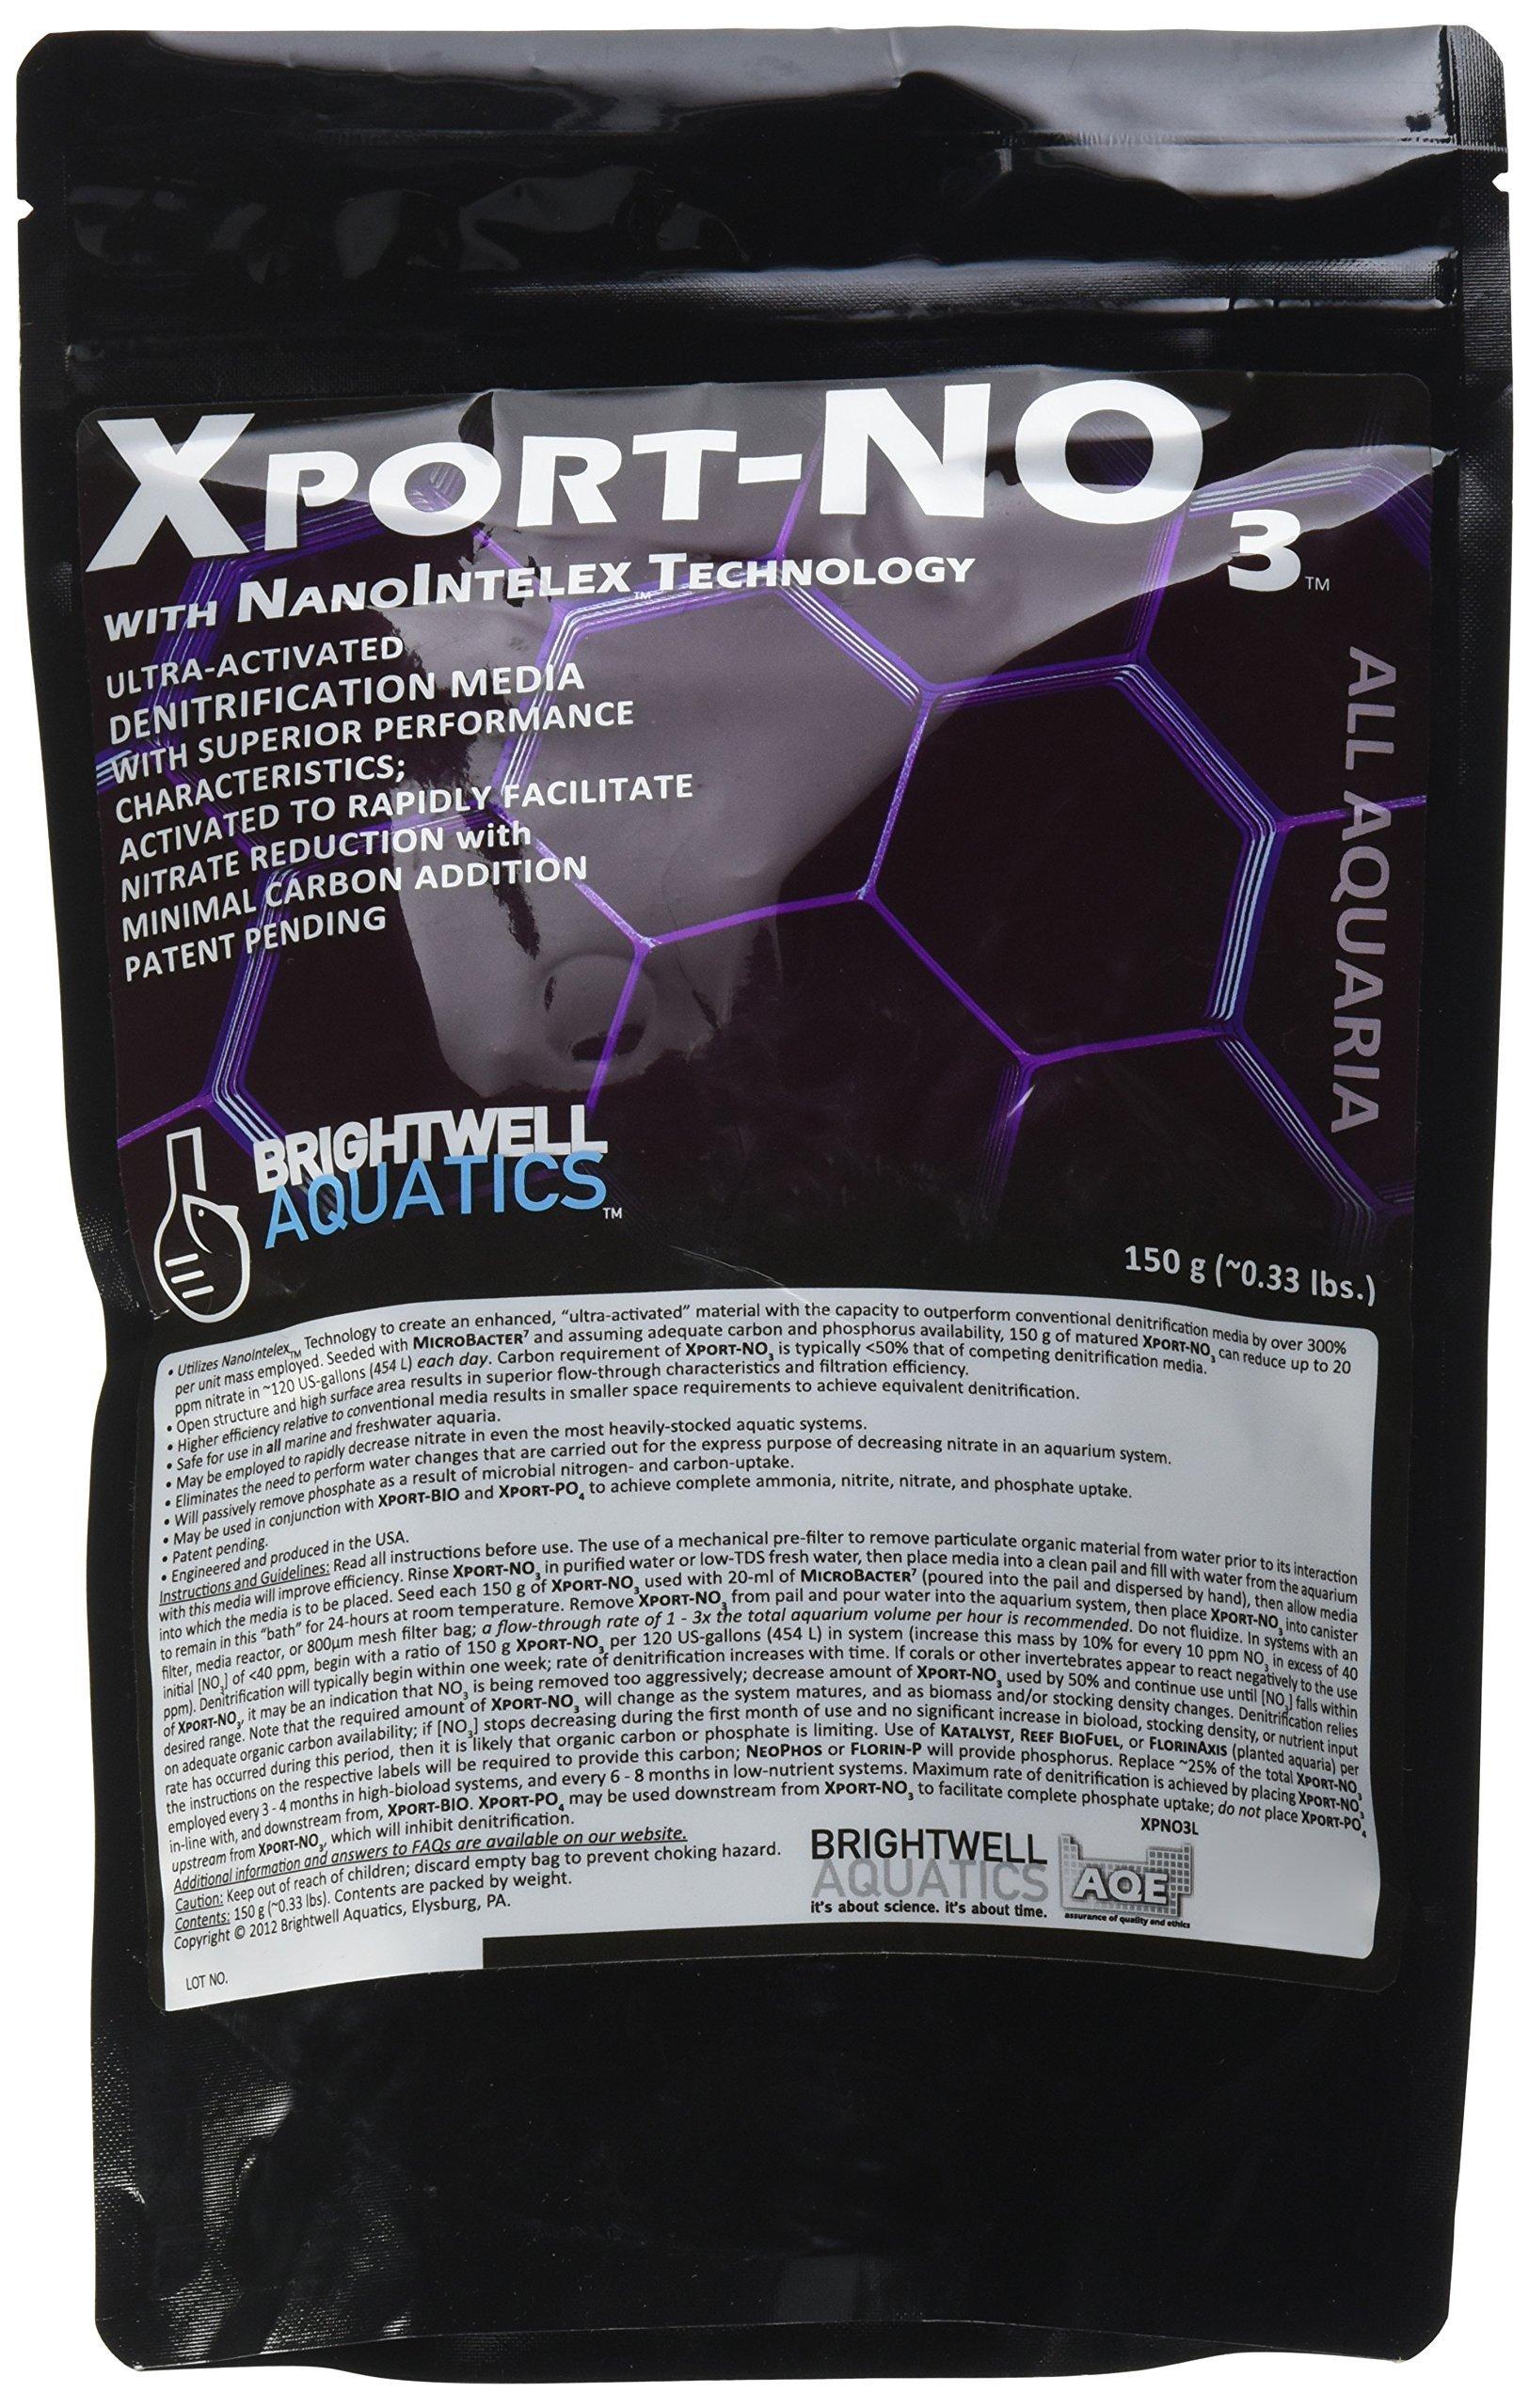 Brightwell Aquatics ABAXPNOC3L Xport No.3 Filter Media for Aquarium, 150gm